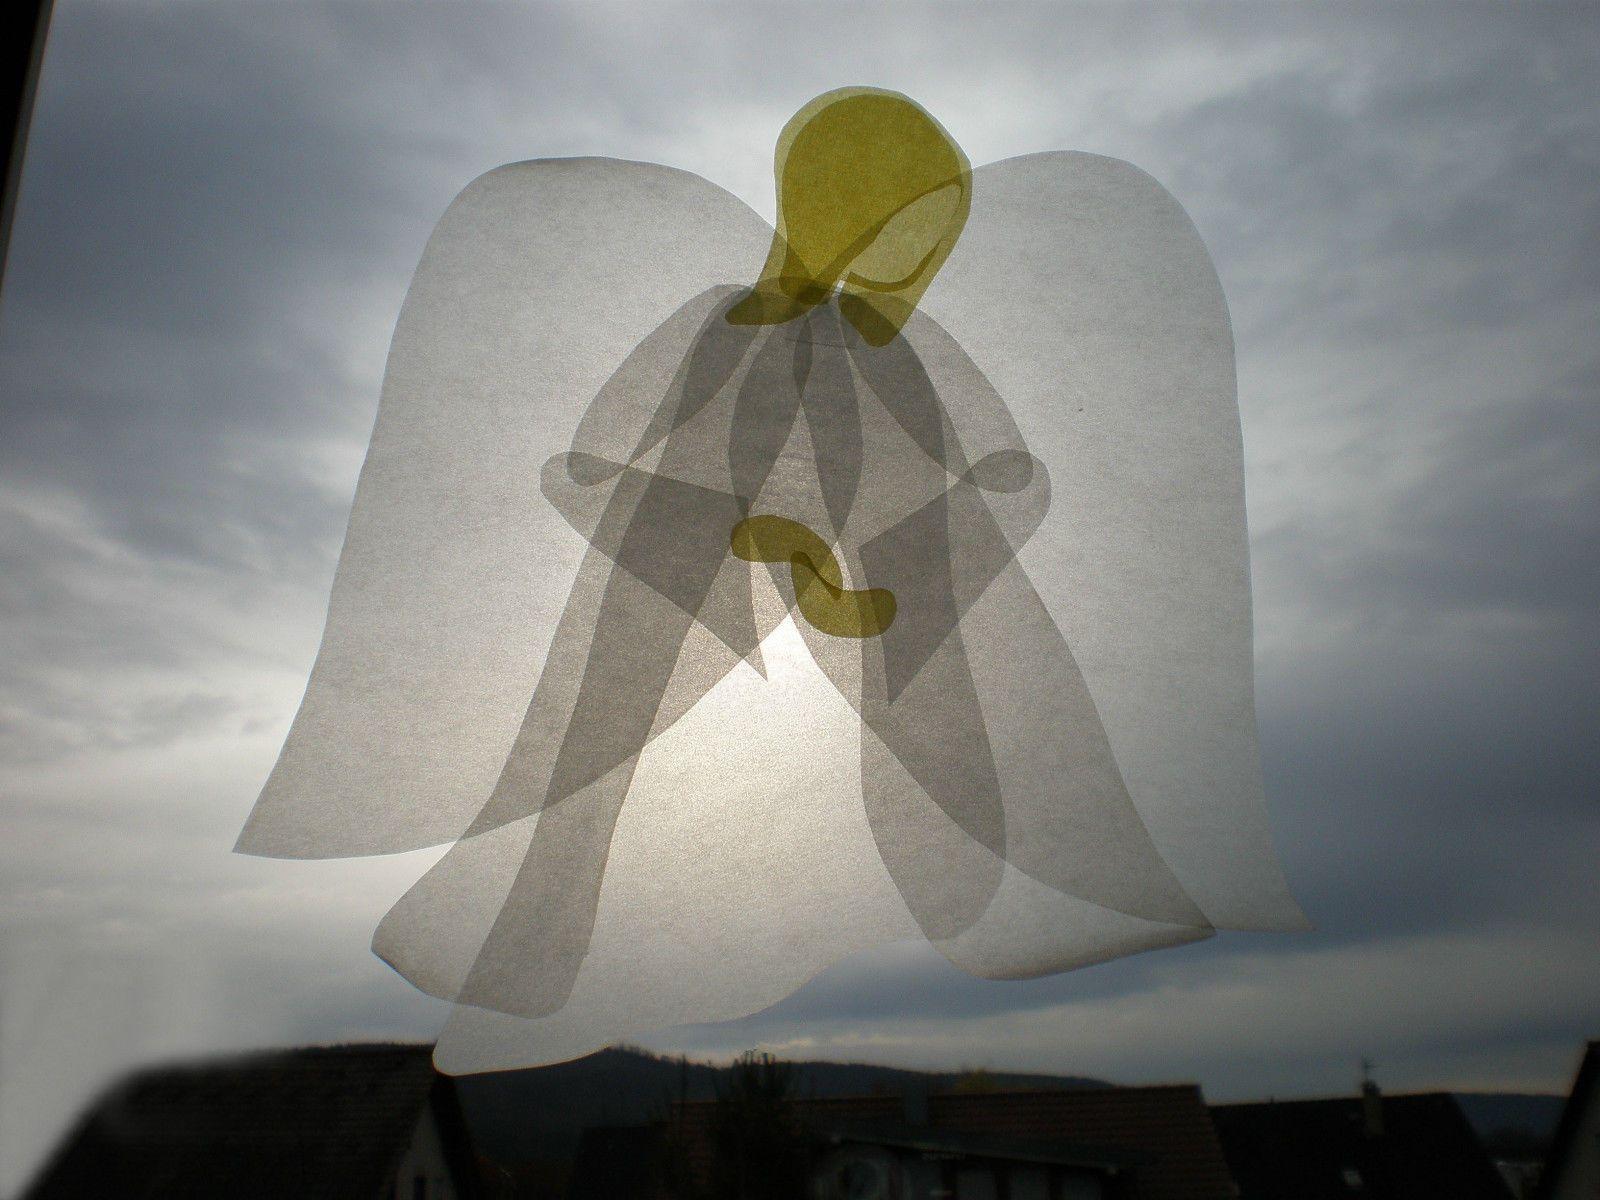 engel fensterbild  schutzengel  transparentbild waldorf